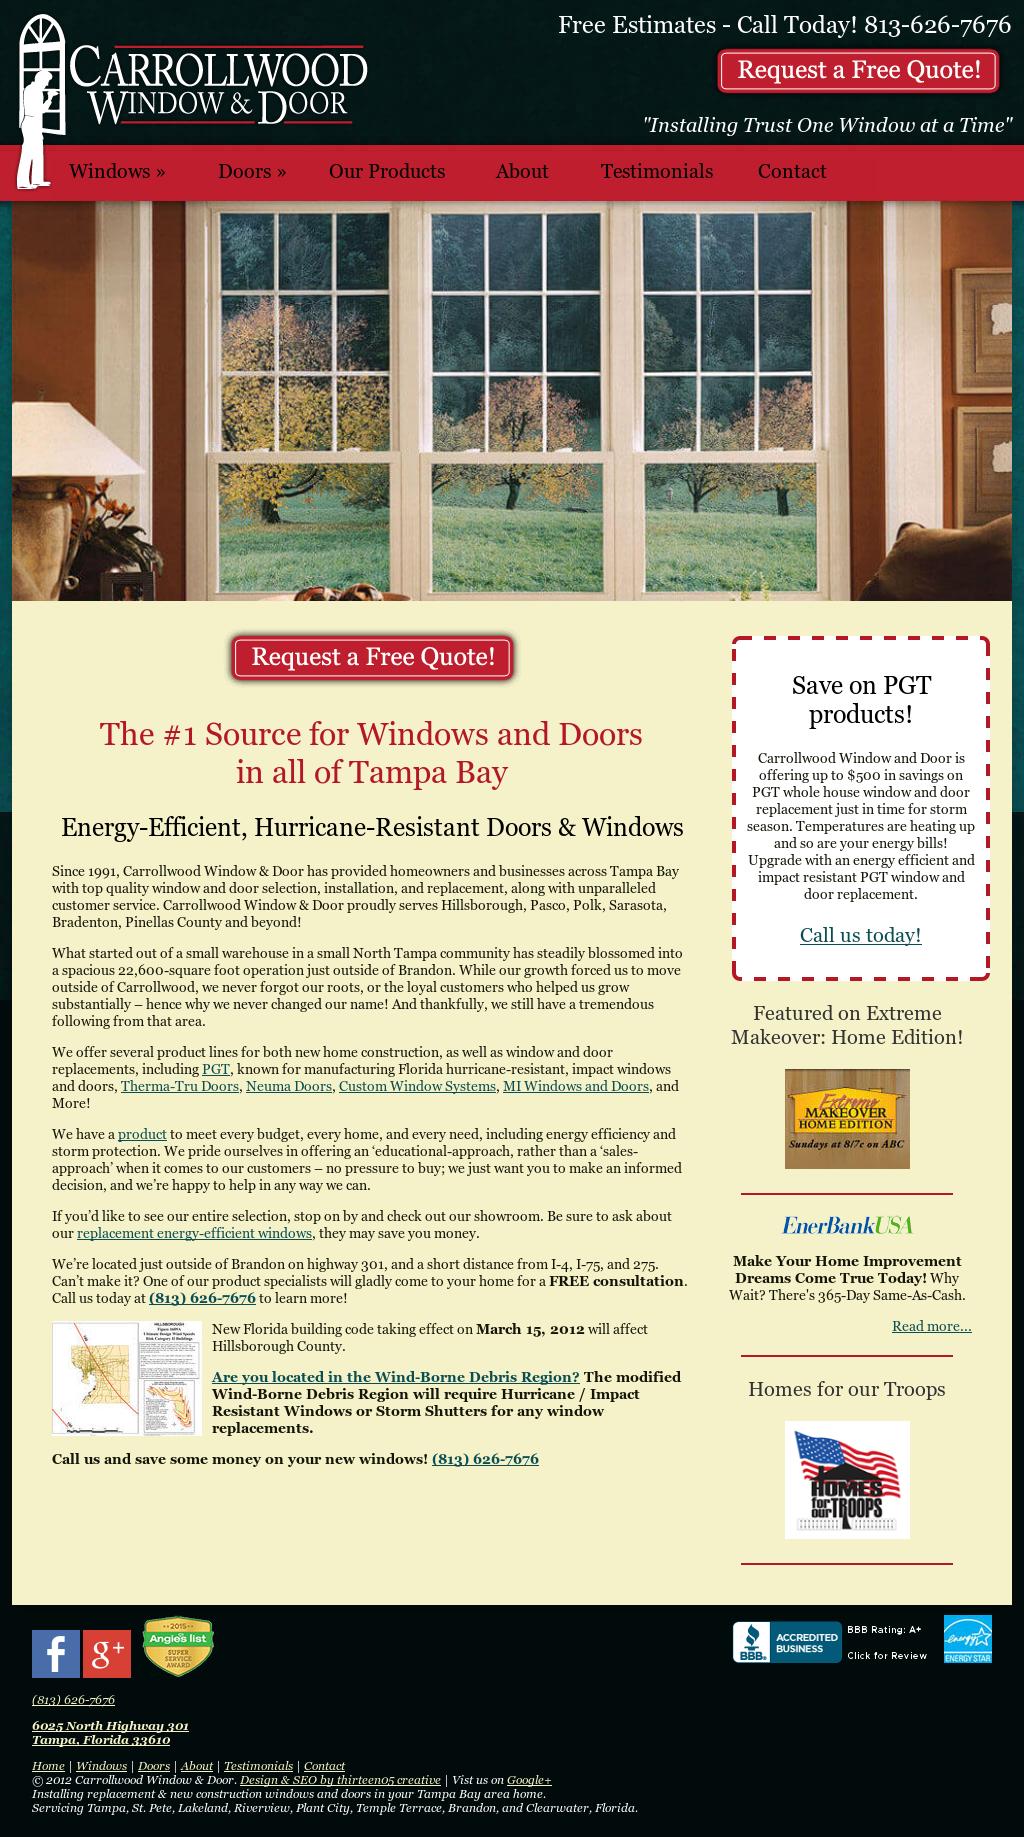 Carrollwood Window U0026 Door Website History